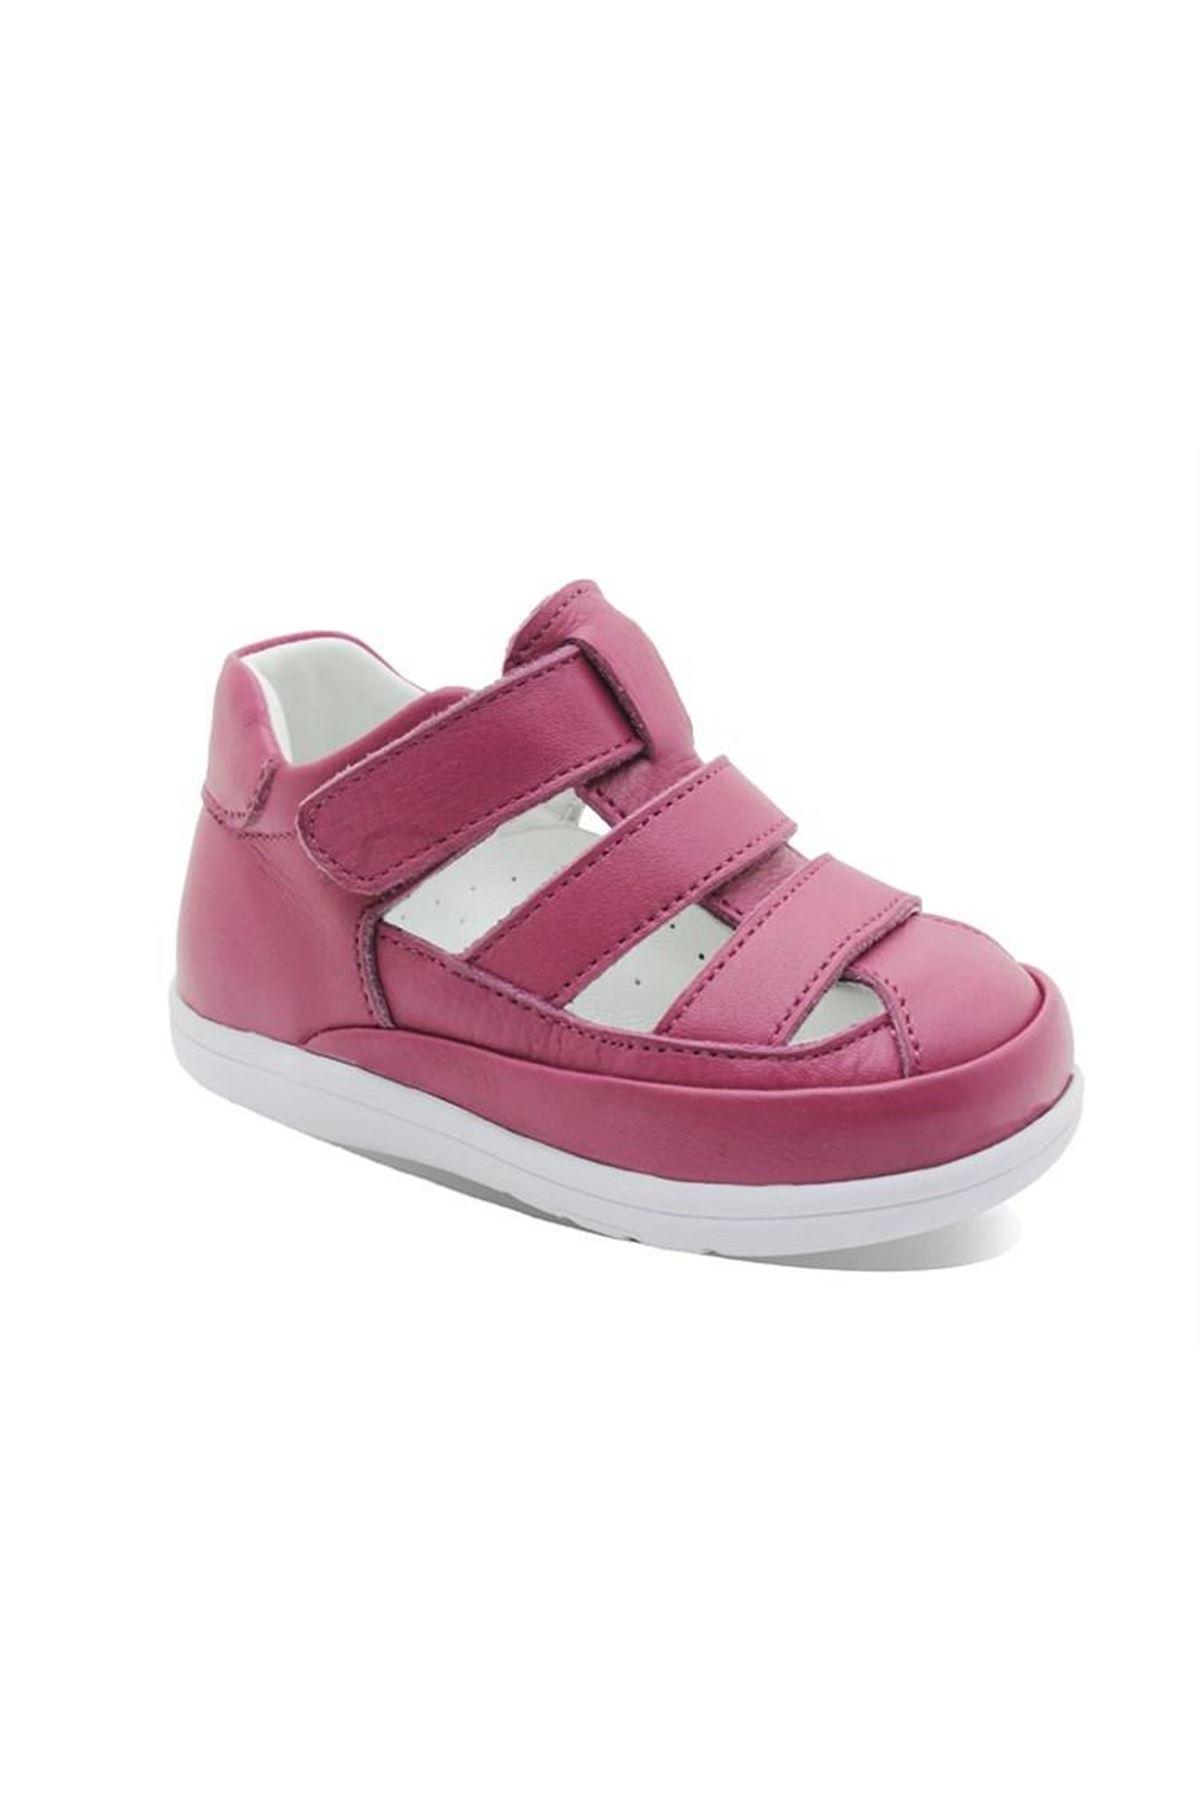 Vicco İlk Adım Deri Ayakkabı 918.E20Y.046 Pudra